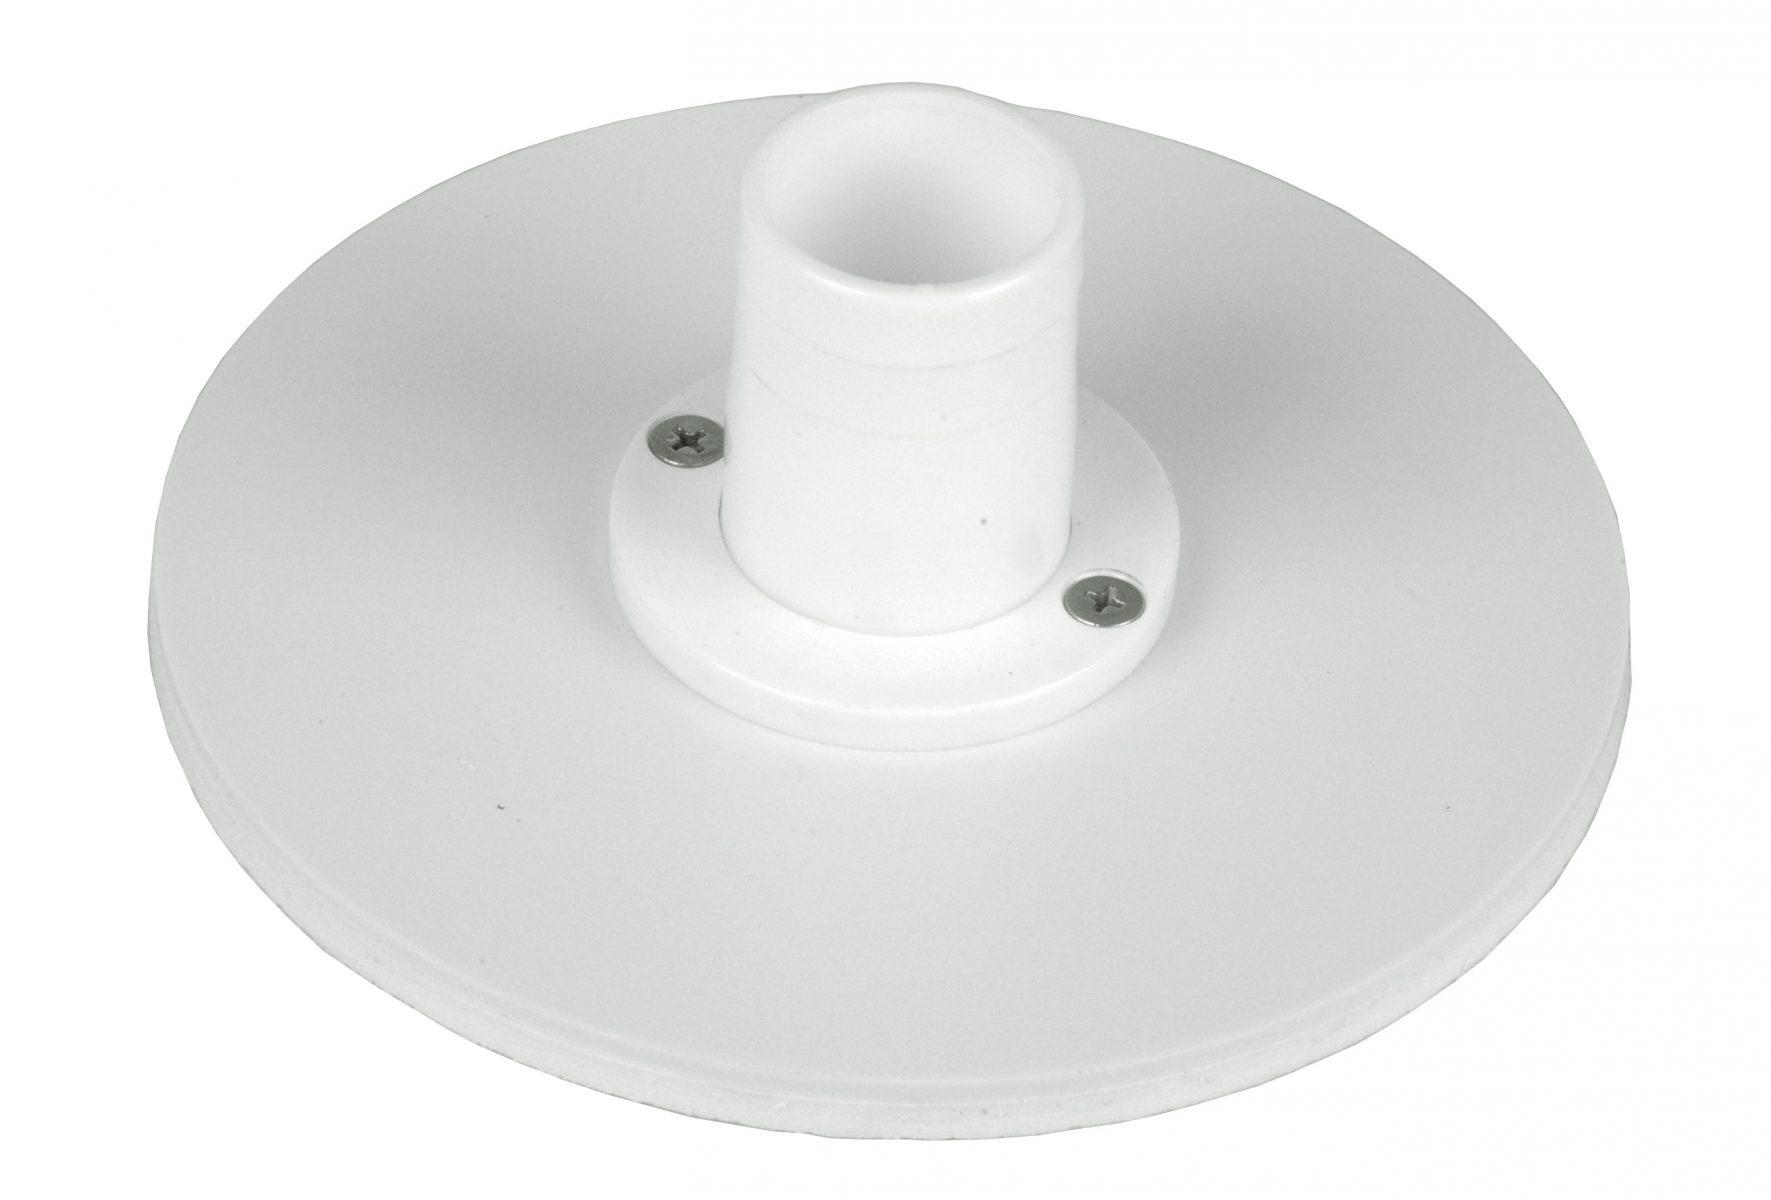 Адаптер — перходник донного пылесоса для скиммера AllFit